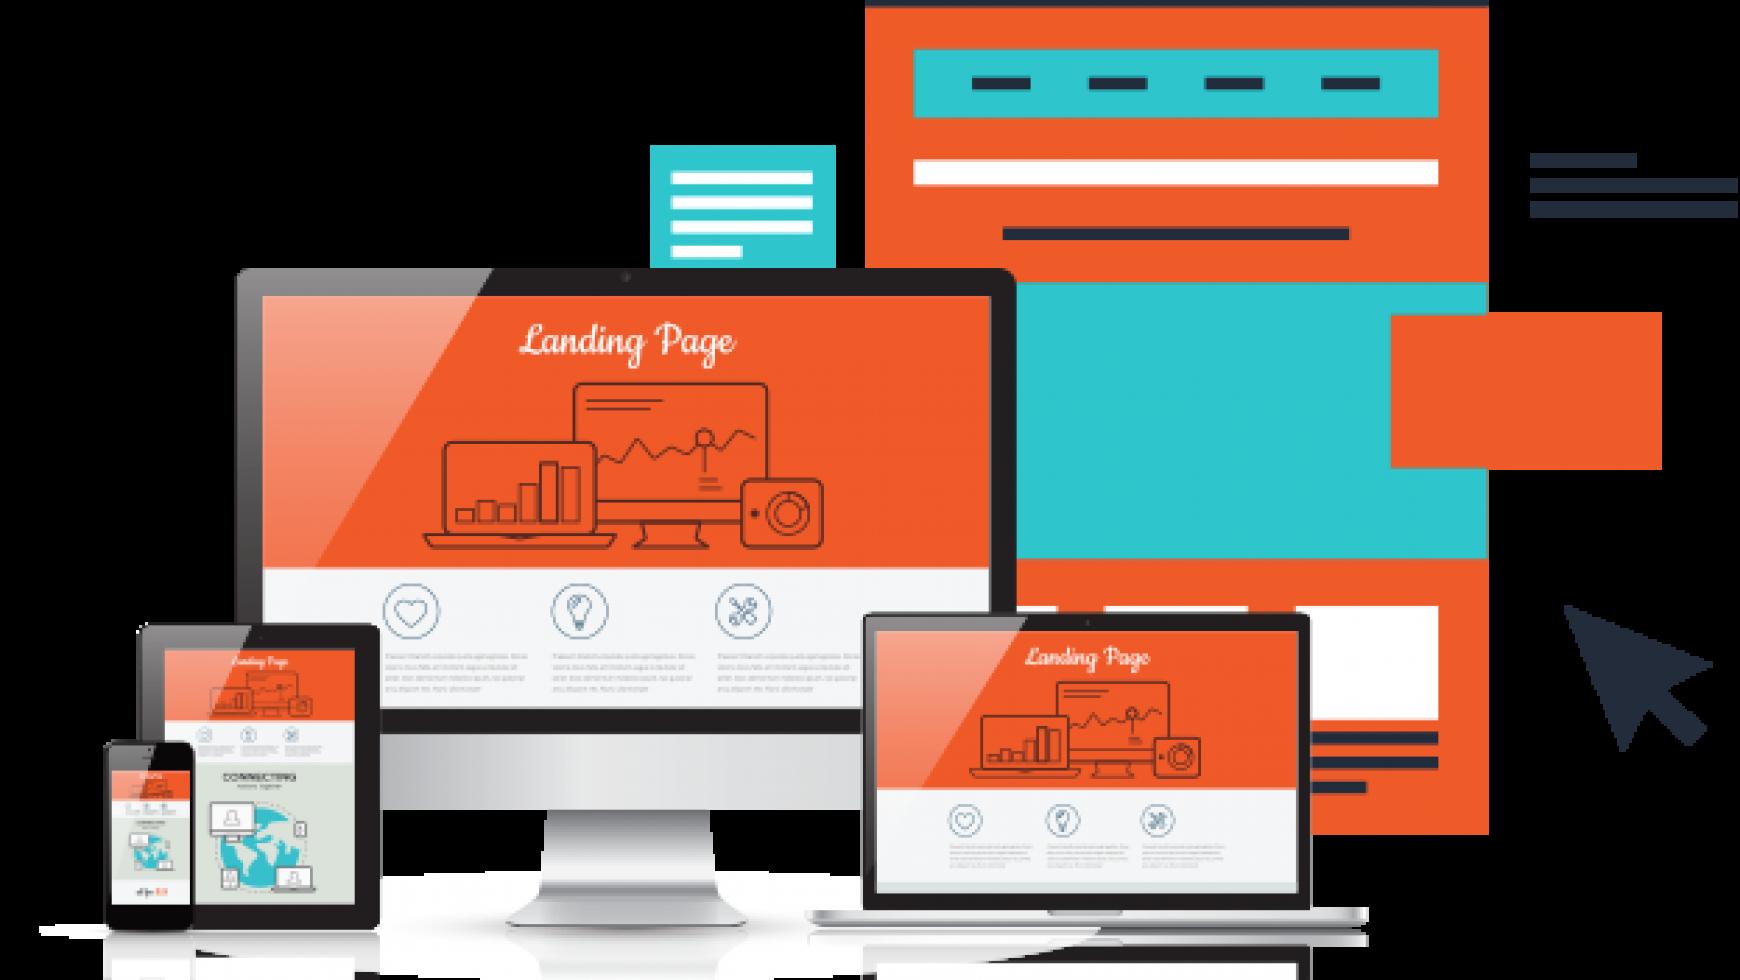 16 pasos para optimizar correctamente una landing page